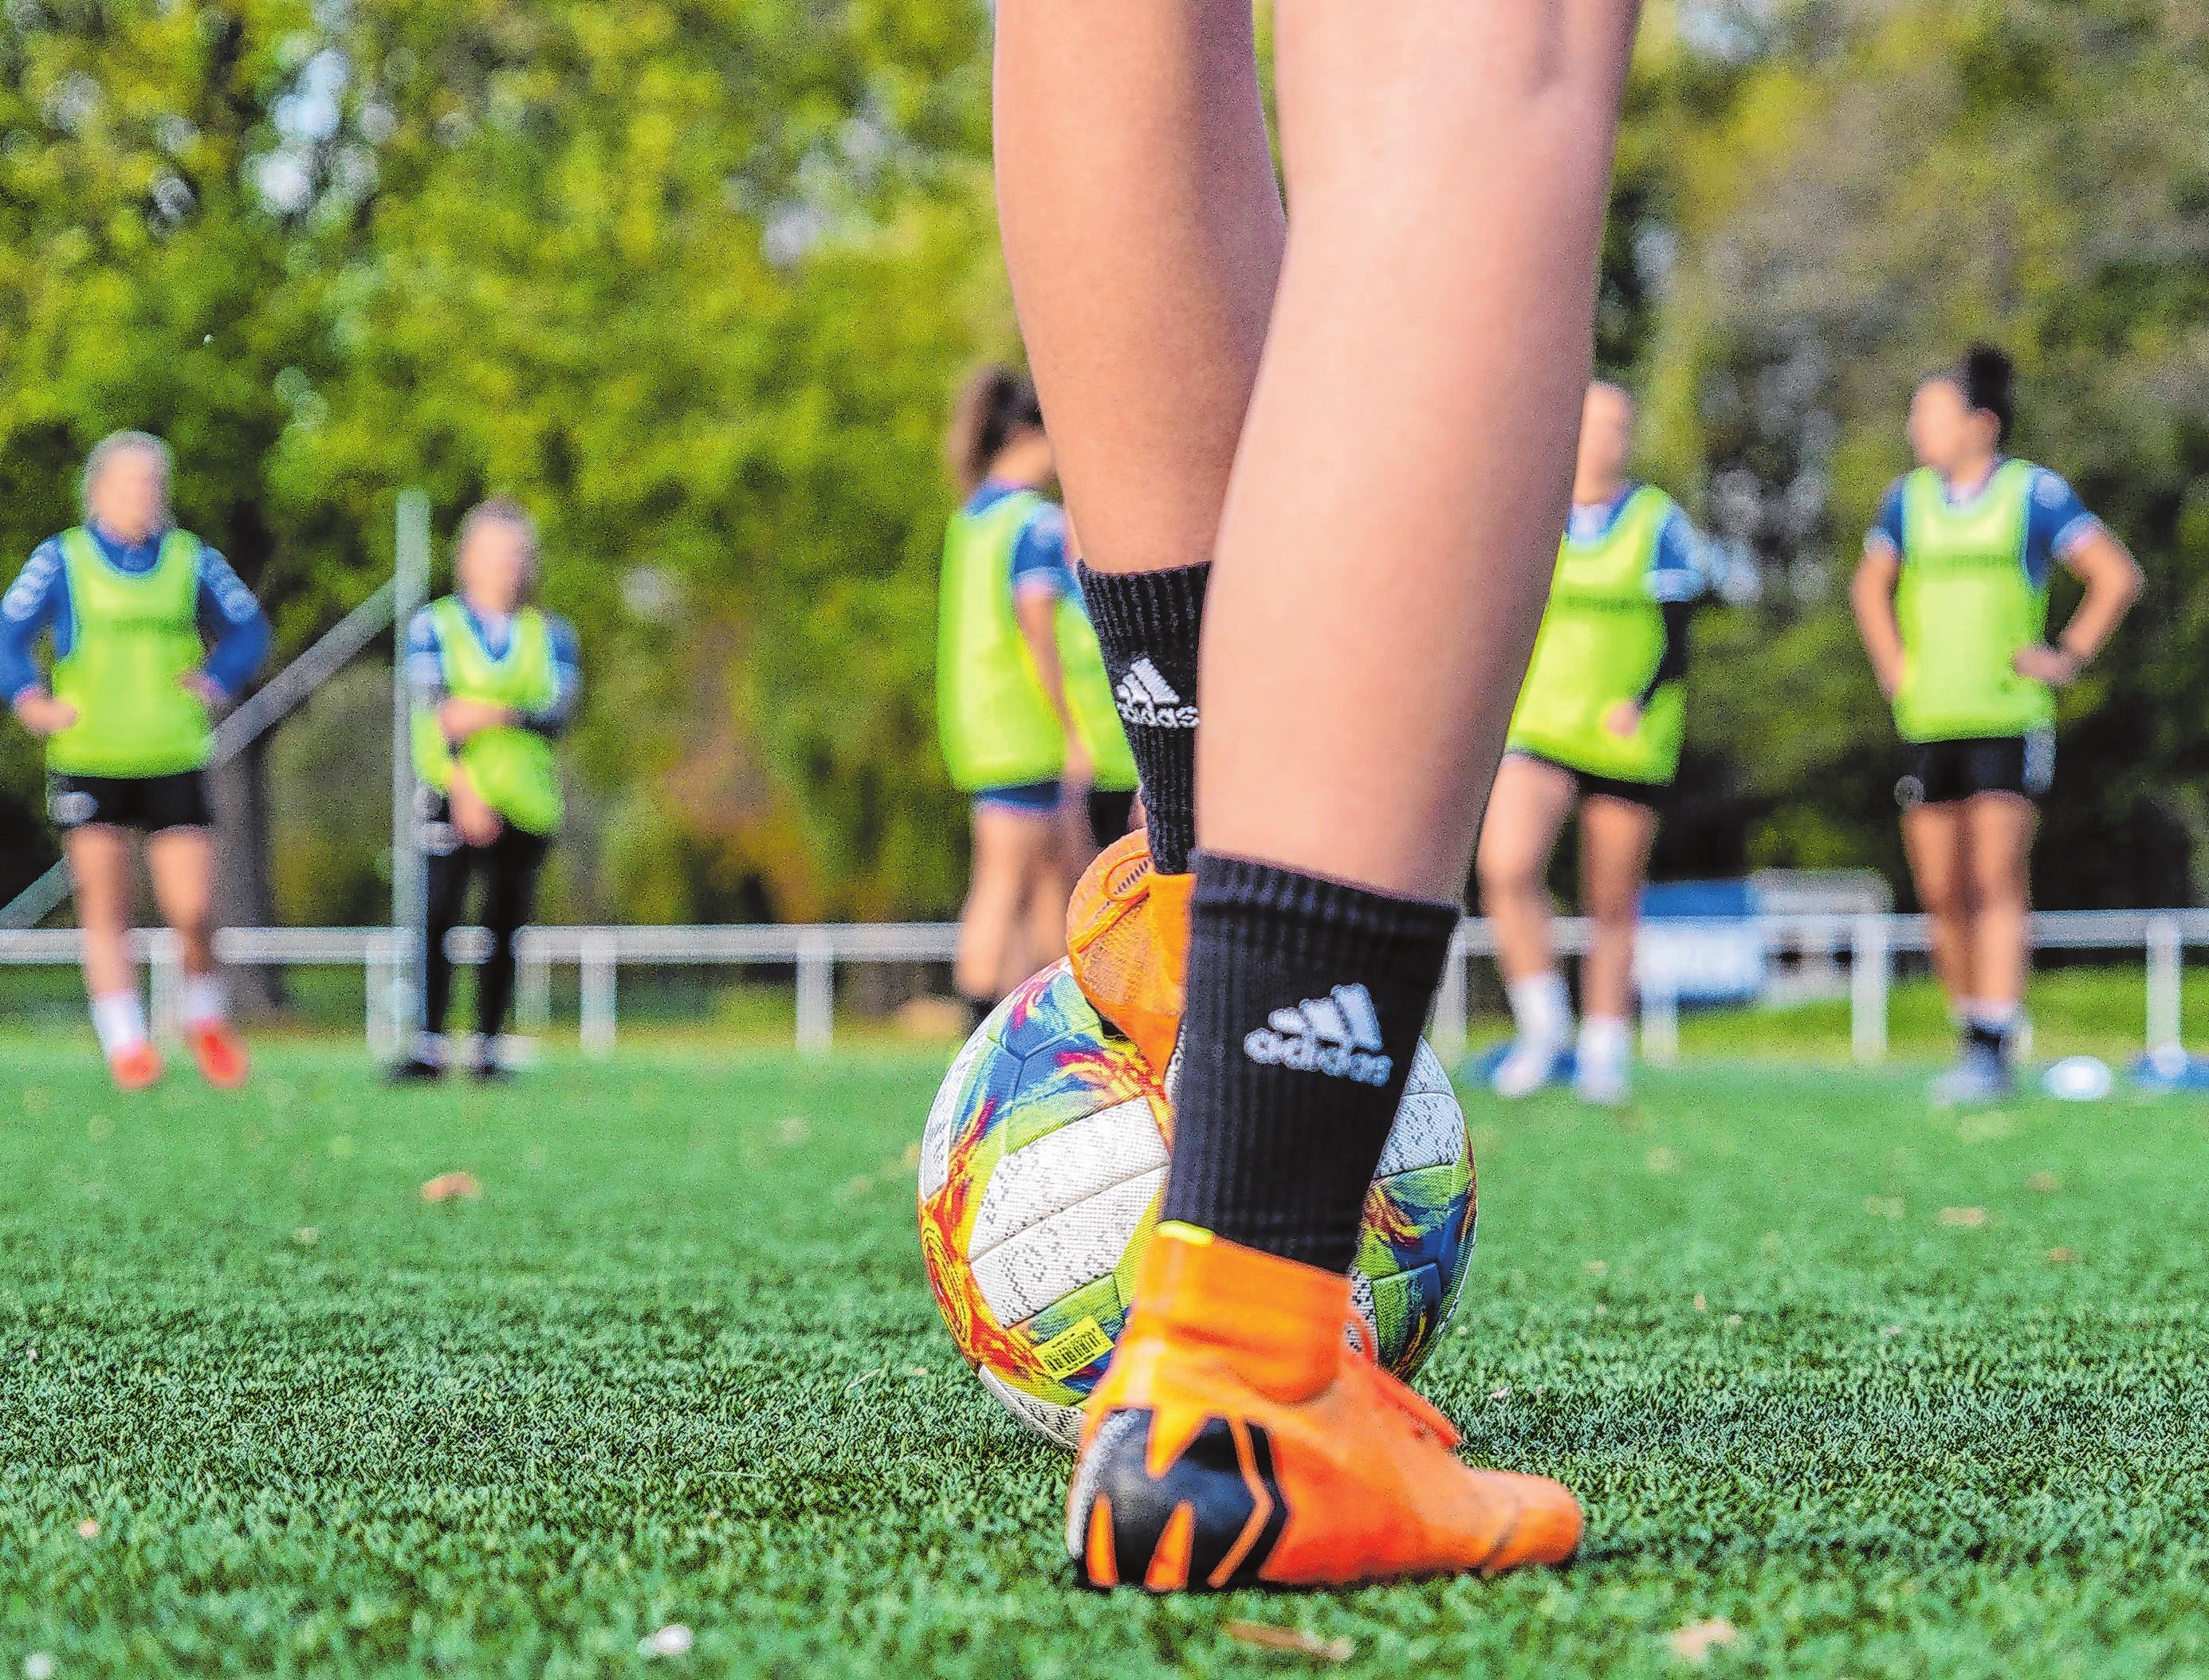 Eine Teamsportart wie Fußball im Lebenslauf zu erwähnen, erzeugt immer einen guten Eindruck. Foto: R. Günther/dpa-mag